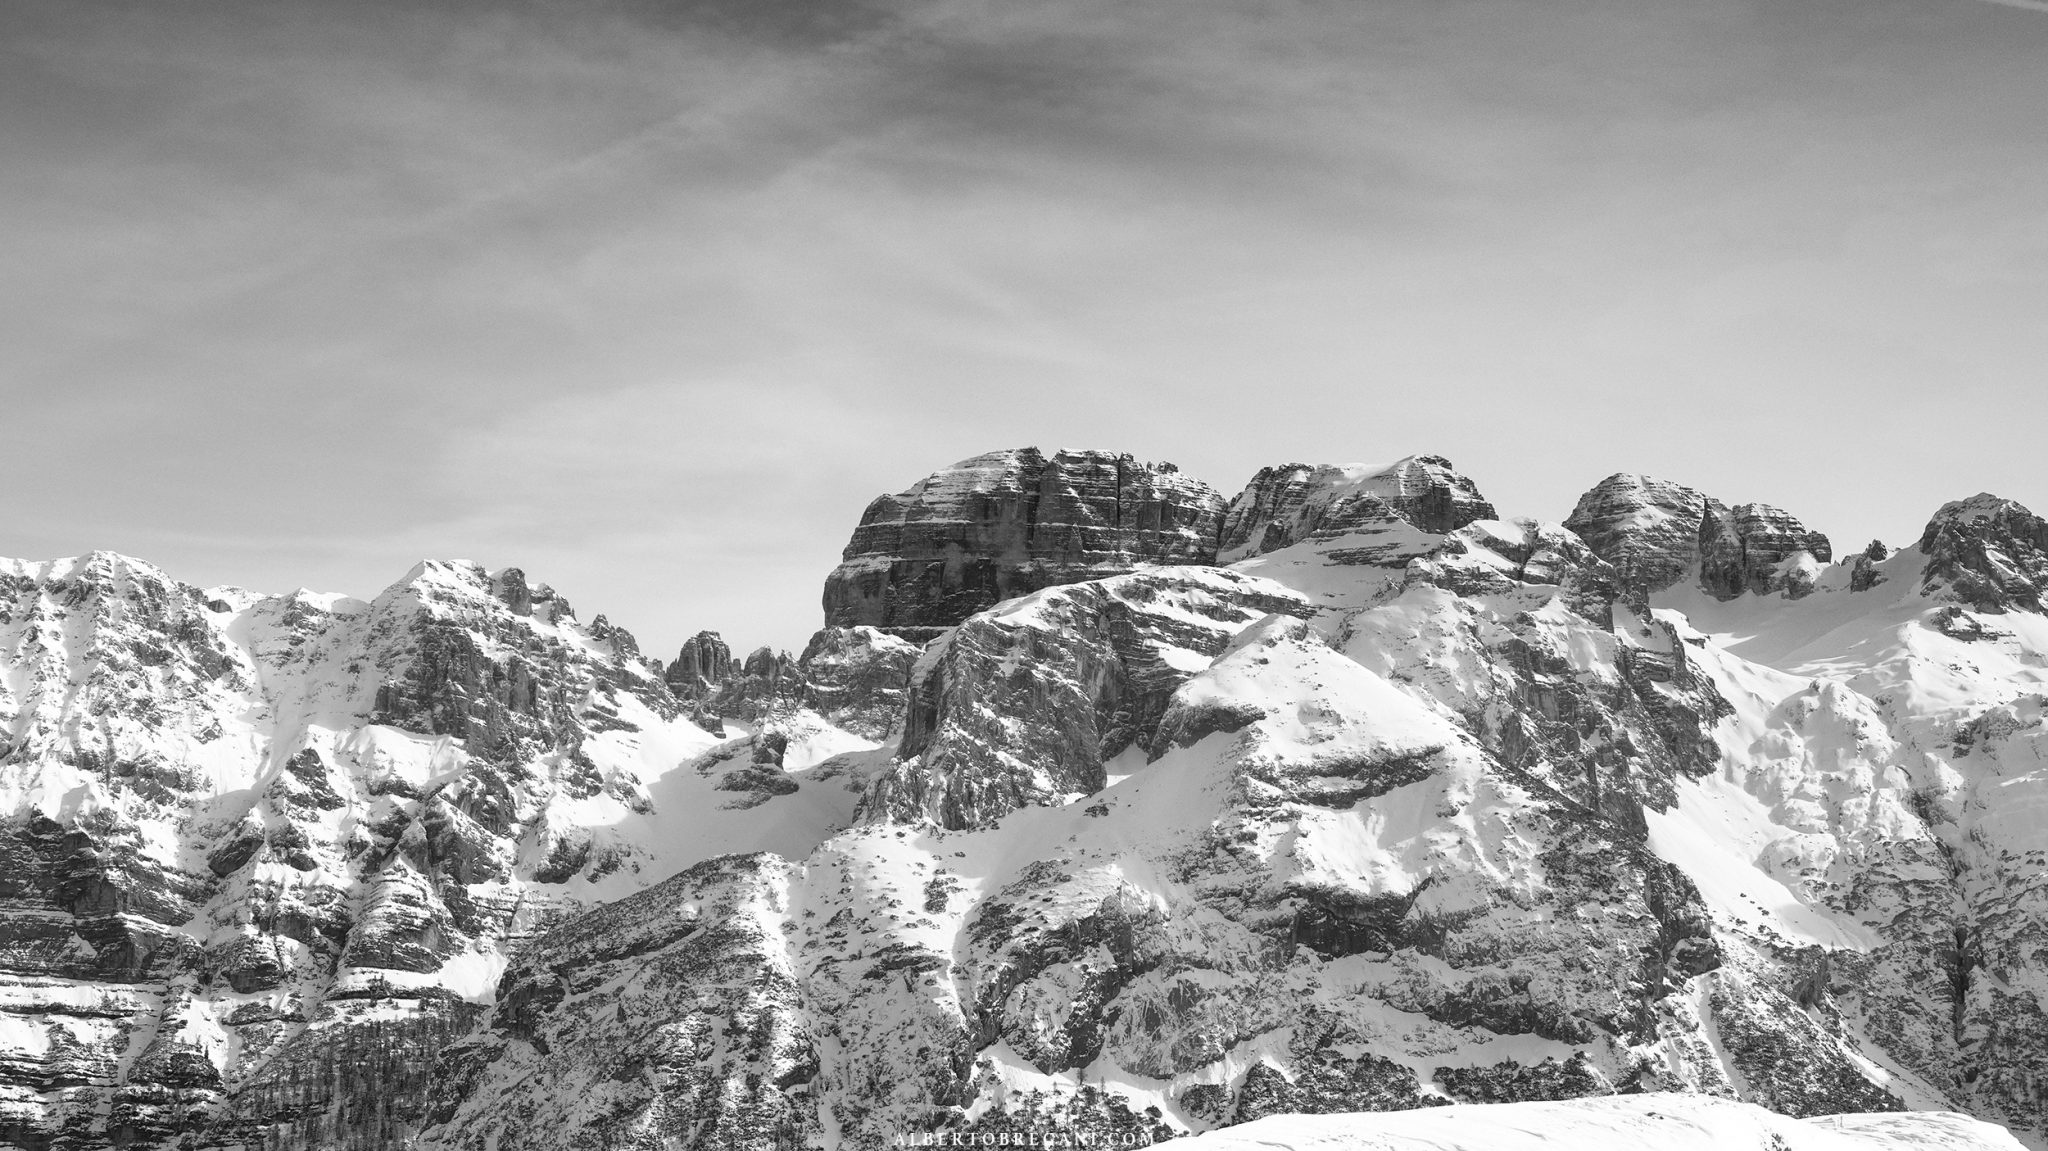 Crozzon di Brenta, Brenta Dolomites